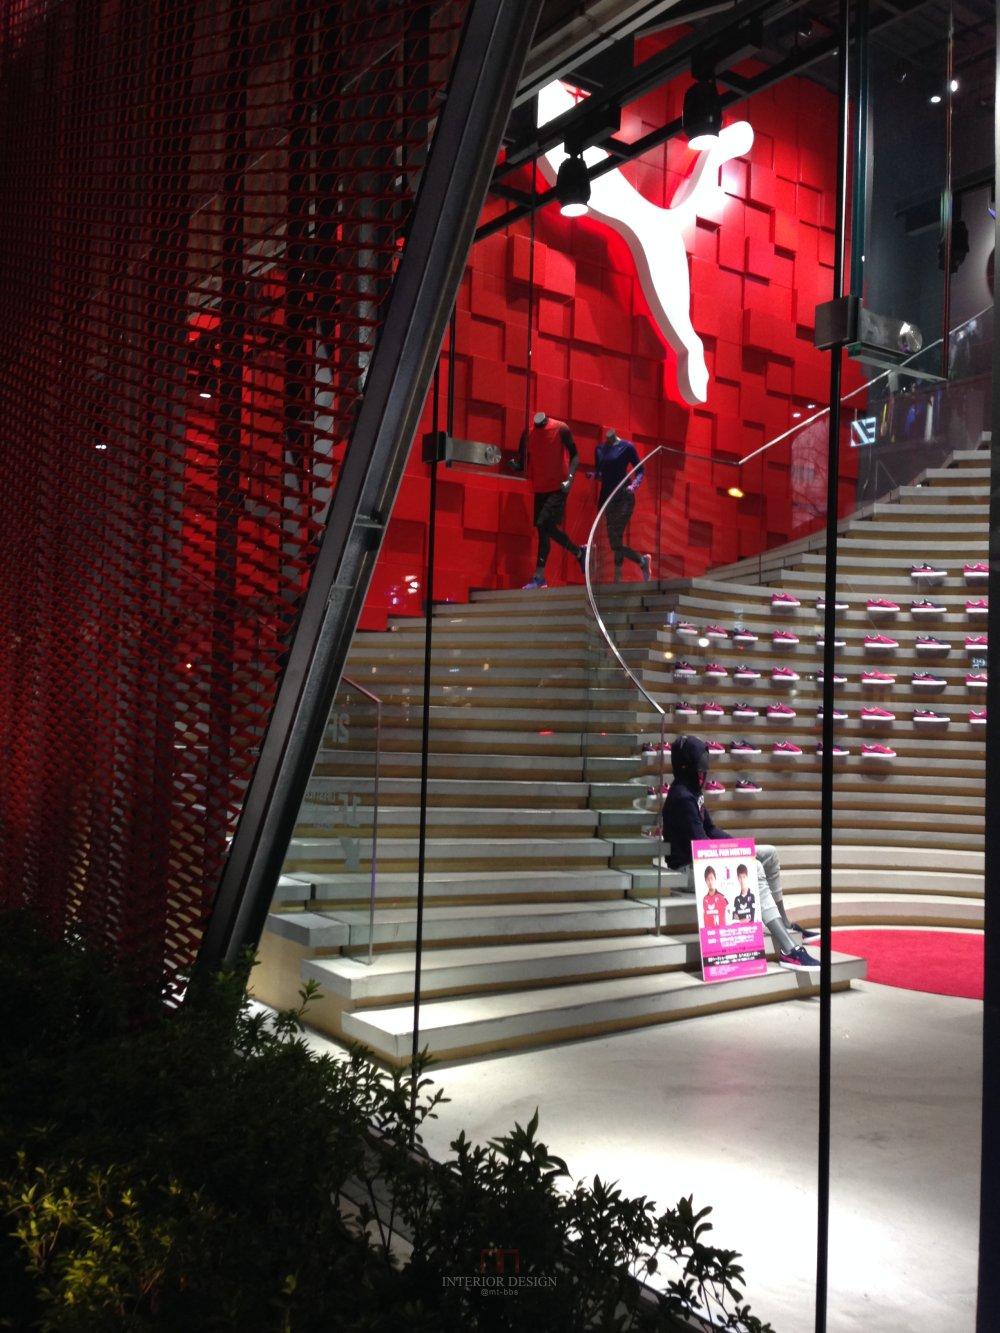 #伙伴一起看日本#  日本设计考察分享(更新美秀美术馆)_IMG_4905.JPG